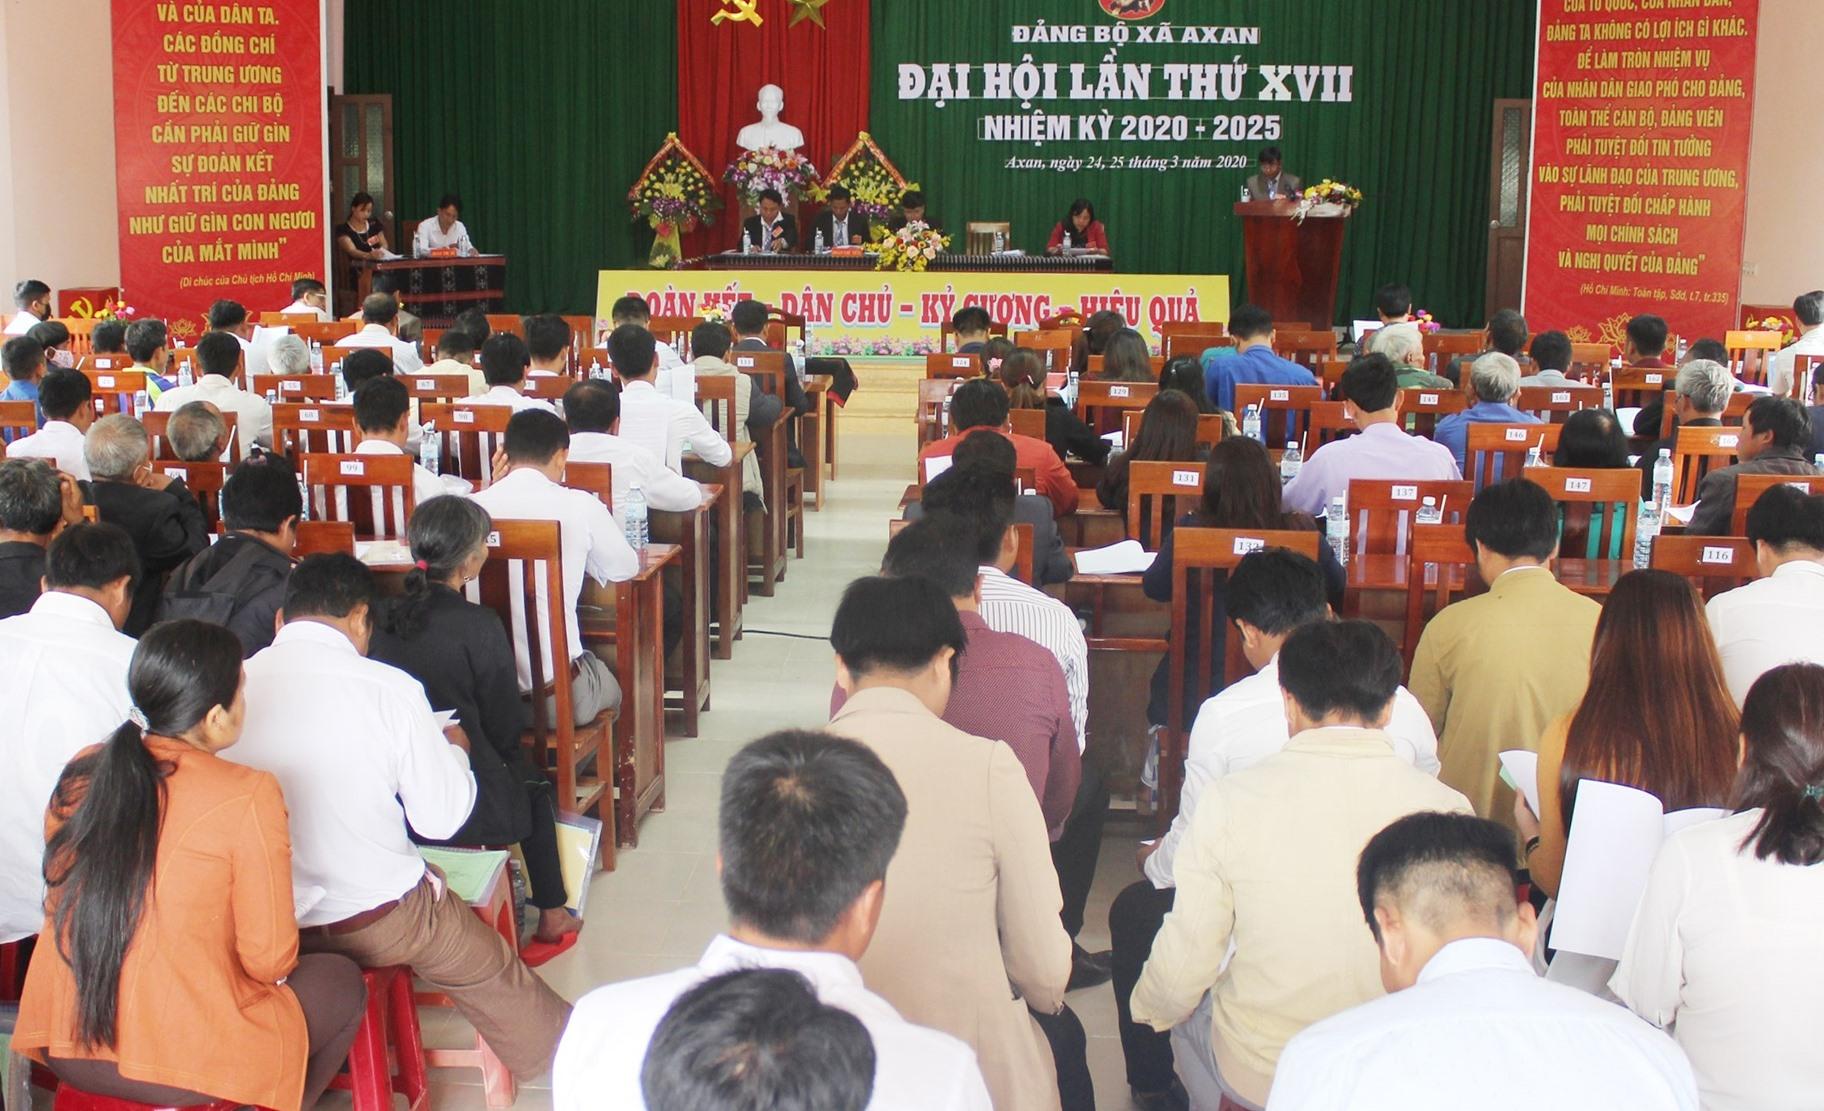 Đảng bộ xã A Xan tổ chức Đại hội lần thứ XVII